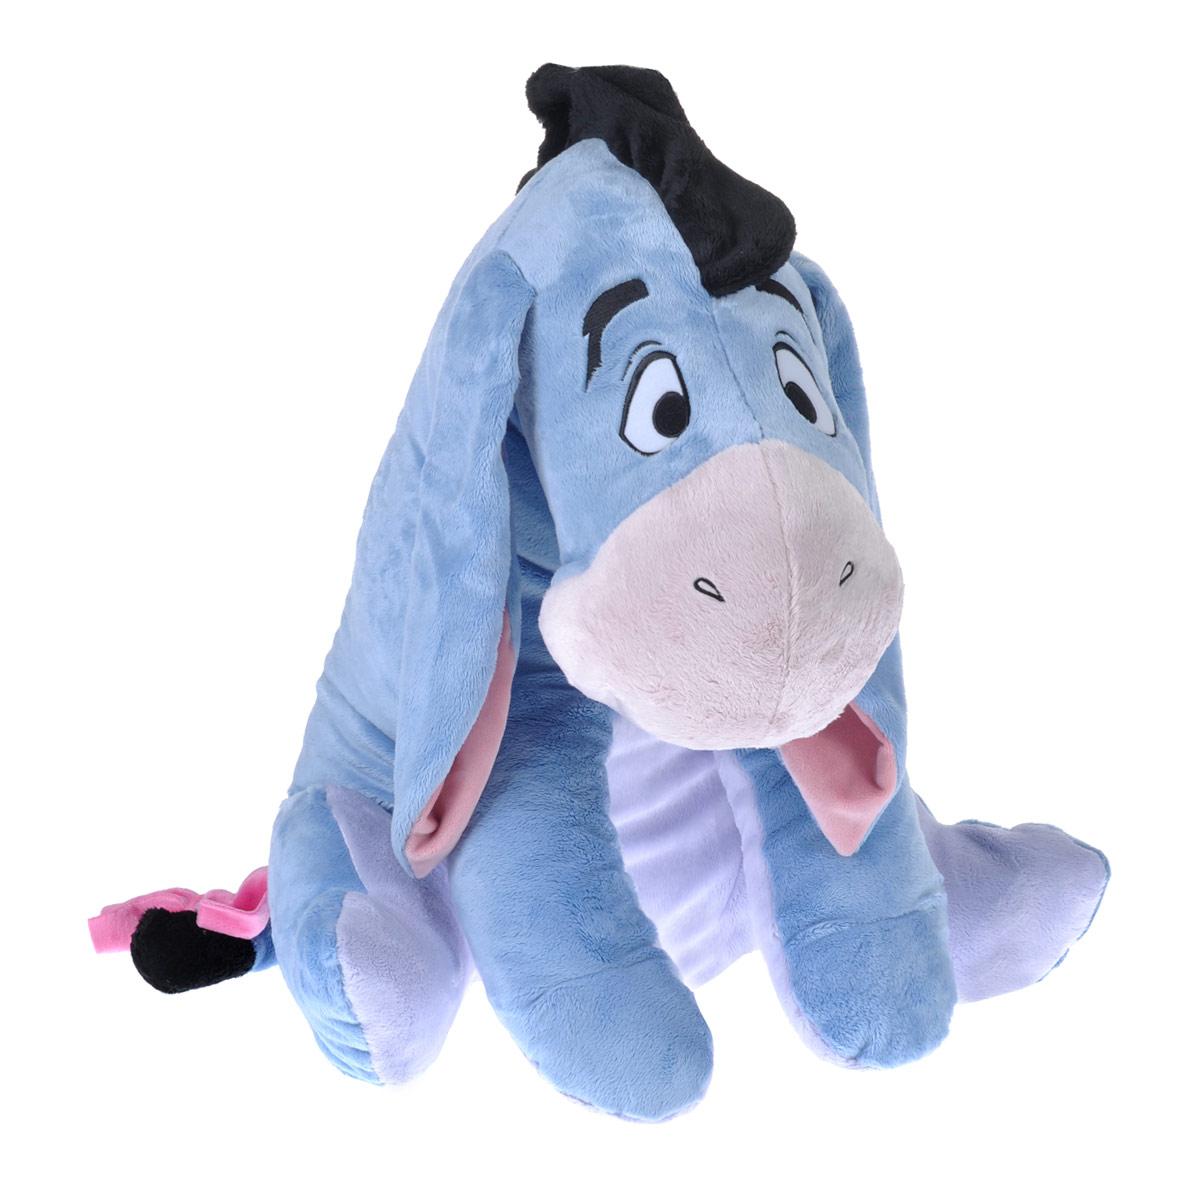 Мягкая игрушка Disney Ослик Ушастик, цвет: голубой, 80 см1100057Мягкая игрушка Disney Ушастик станет любимой игрушкой вашего ребенка. Она выполнена в виде ослика Ушастика - героя популярного диснеевского мультсериала о приключениях Винни-Пуха и его друзей. Игрушка удивительно приятна на ощупь. Она изготовлена из мягкого текстильного материала голубого цвета, глазки вышиты нитками. Чудесная мягкая игрушка принесет радость и подарит своему обладателю мгновения нежных объятий и приятных воспоминаний. Компания Disney предъявляет большие требования к качеству продукции: все плюшевые герои соответствуют своим мультяшным прототипам, а самое главное - производятся в соответствии с мировыми стандартами качества и соответствуют российским требованиям безопасности.